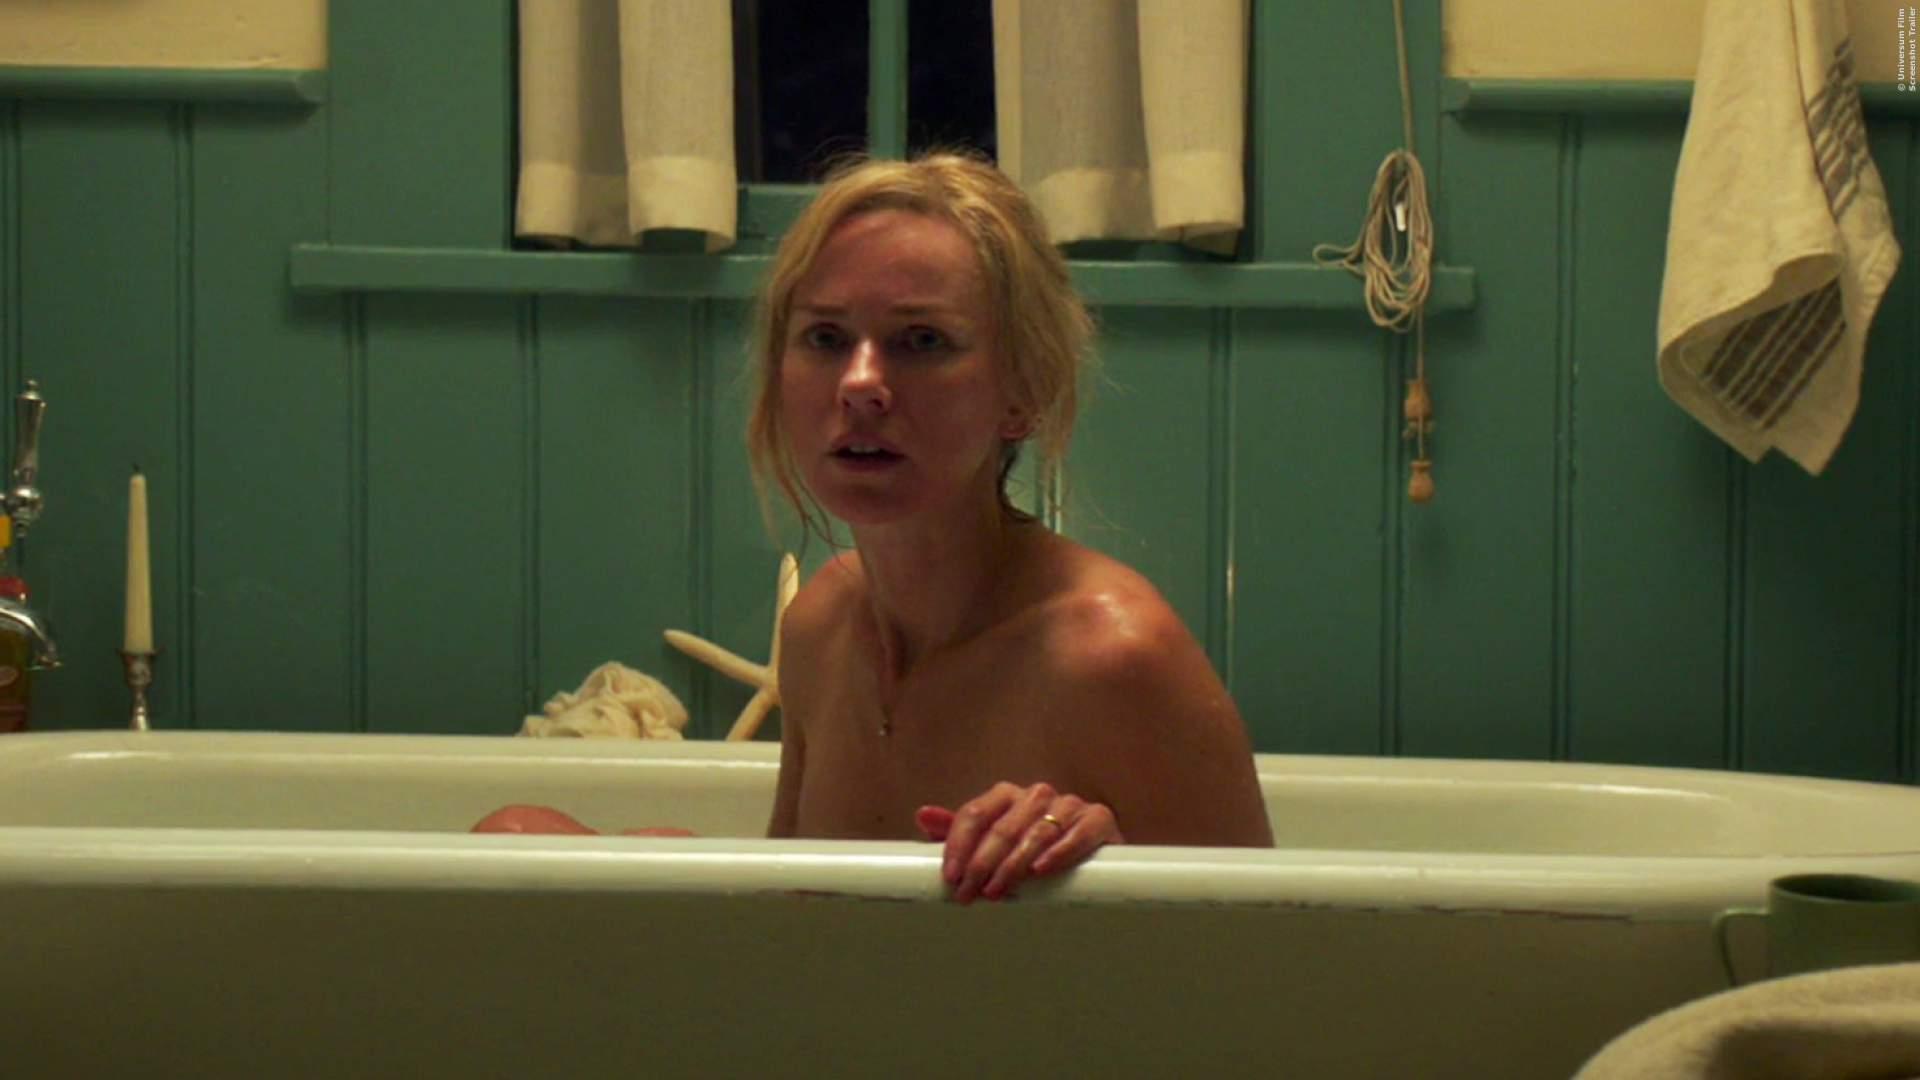 Shut In Trailer - Bild 1 von 1